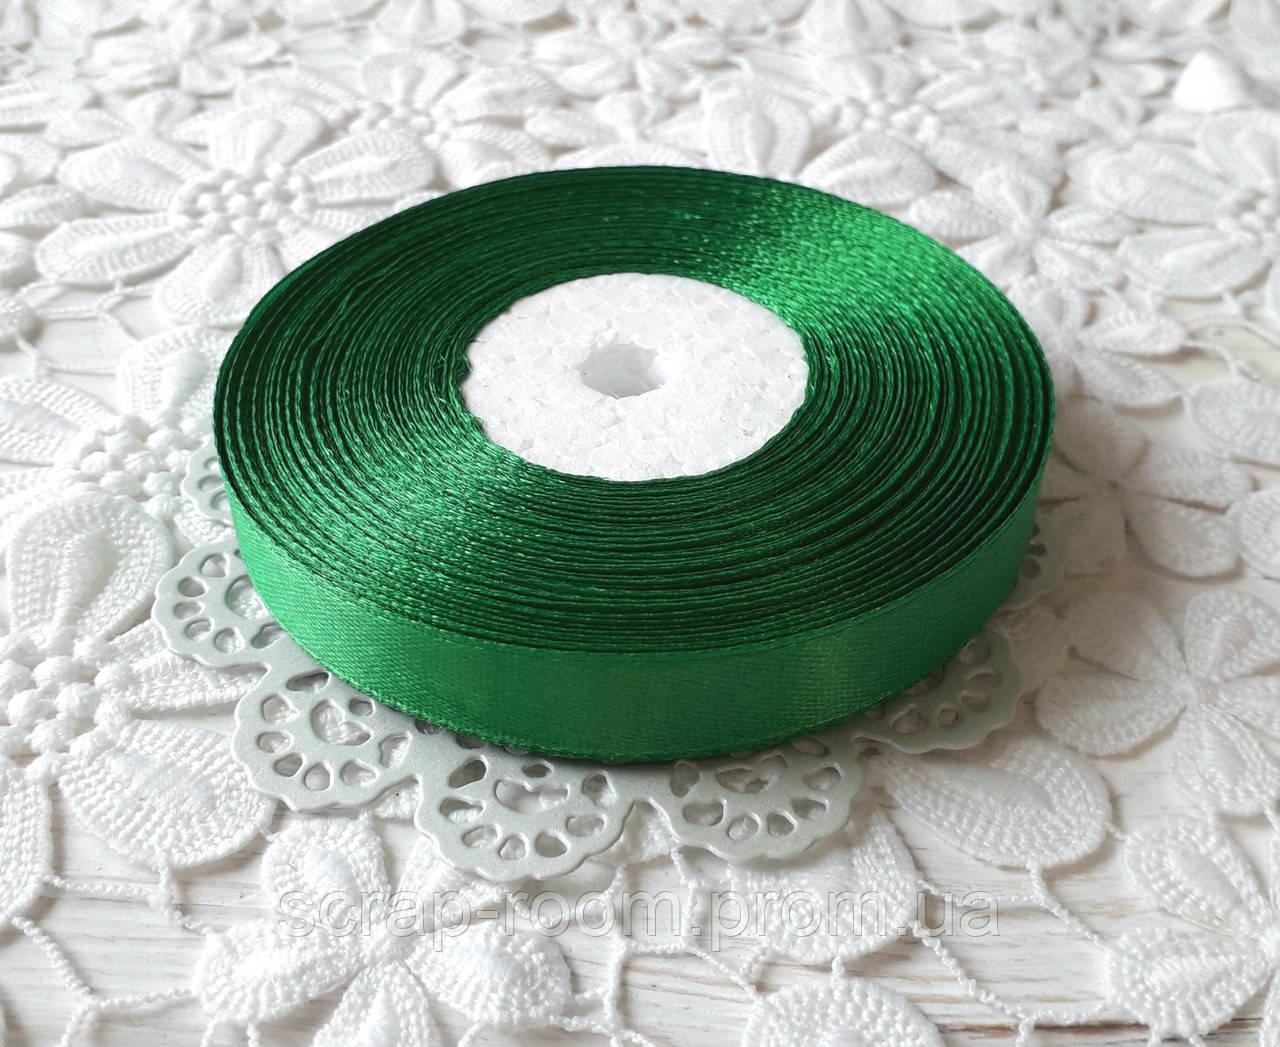 Лента атласная 1,2 см зеленая, лента зеленая атлас, лента атласная зеленая, цена за метр